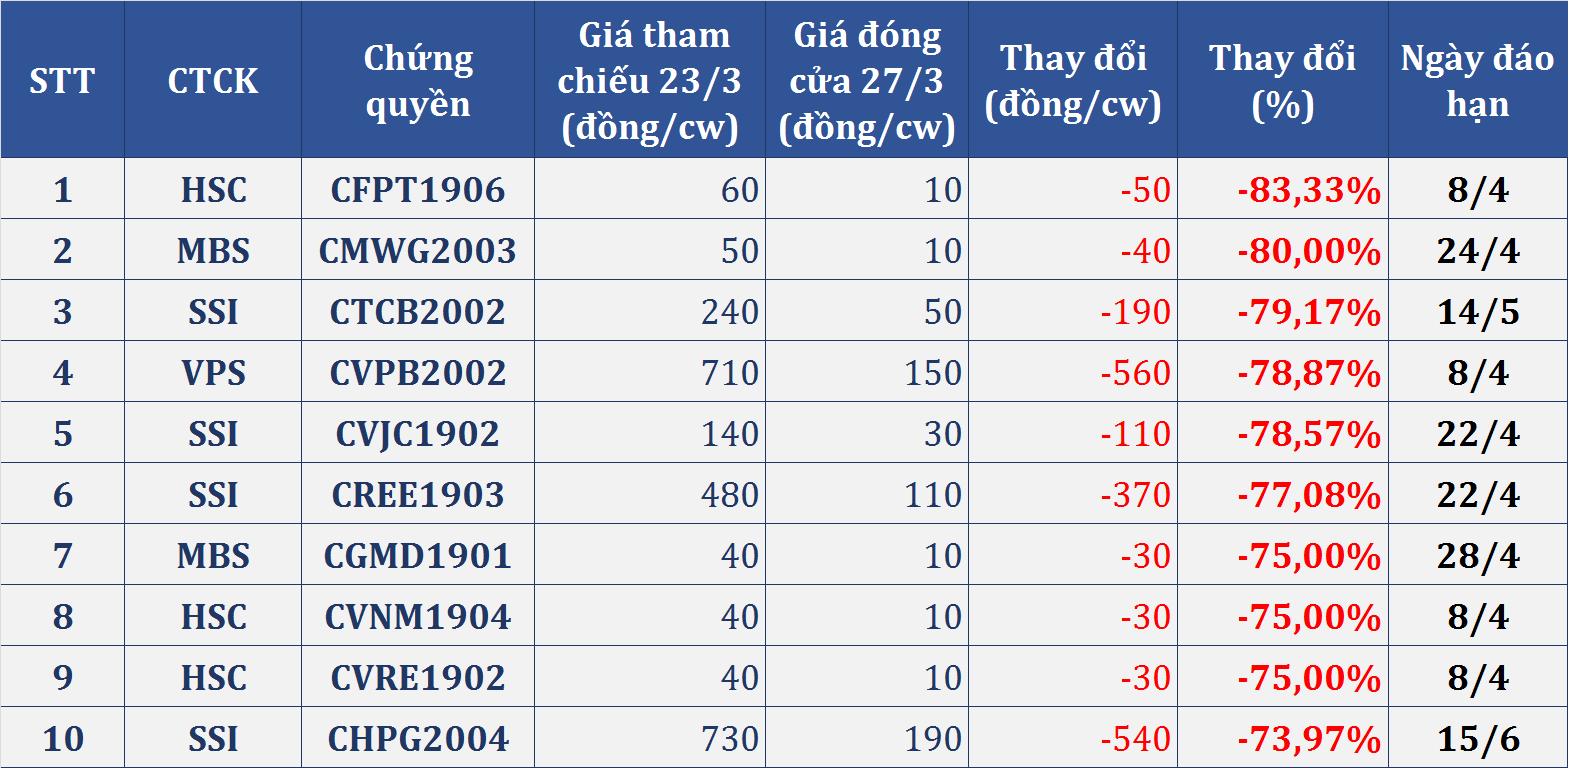 Thị trường chứng quyền (23 - 27/3): Thêm một tuần lao dốc, nhóm VNM và MSN ngược dòng tăng giá - Ảnh 2.